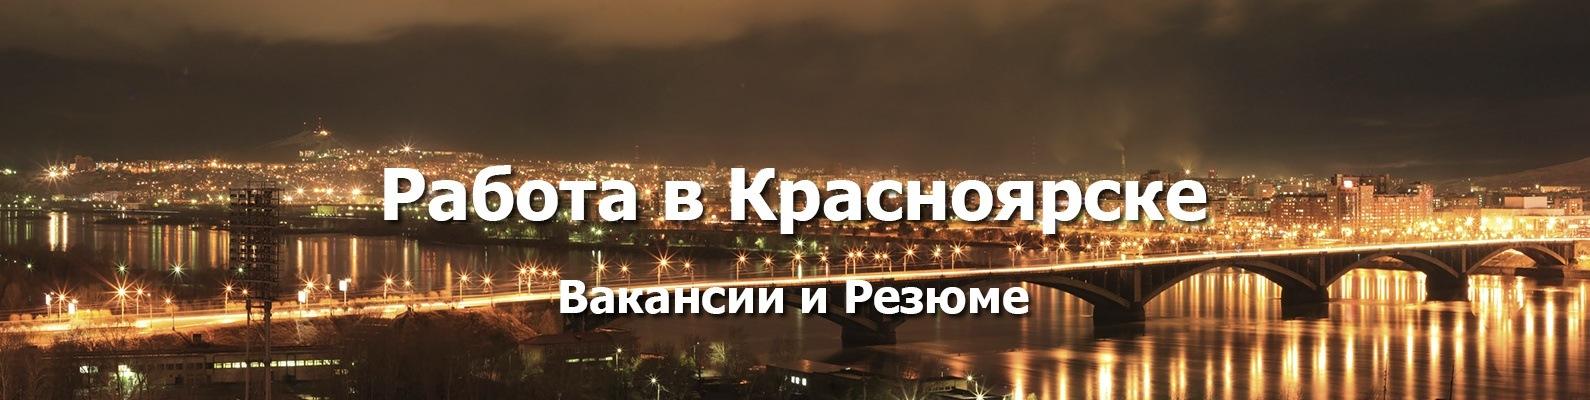 Работа бухгалтера удаленно вакансии иркутск autodesk inventor freelance